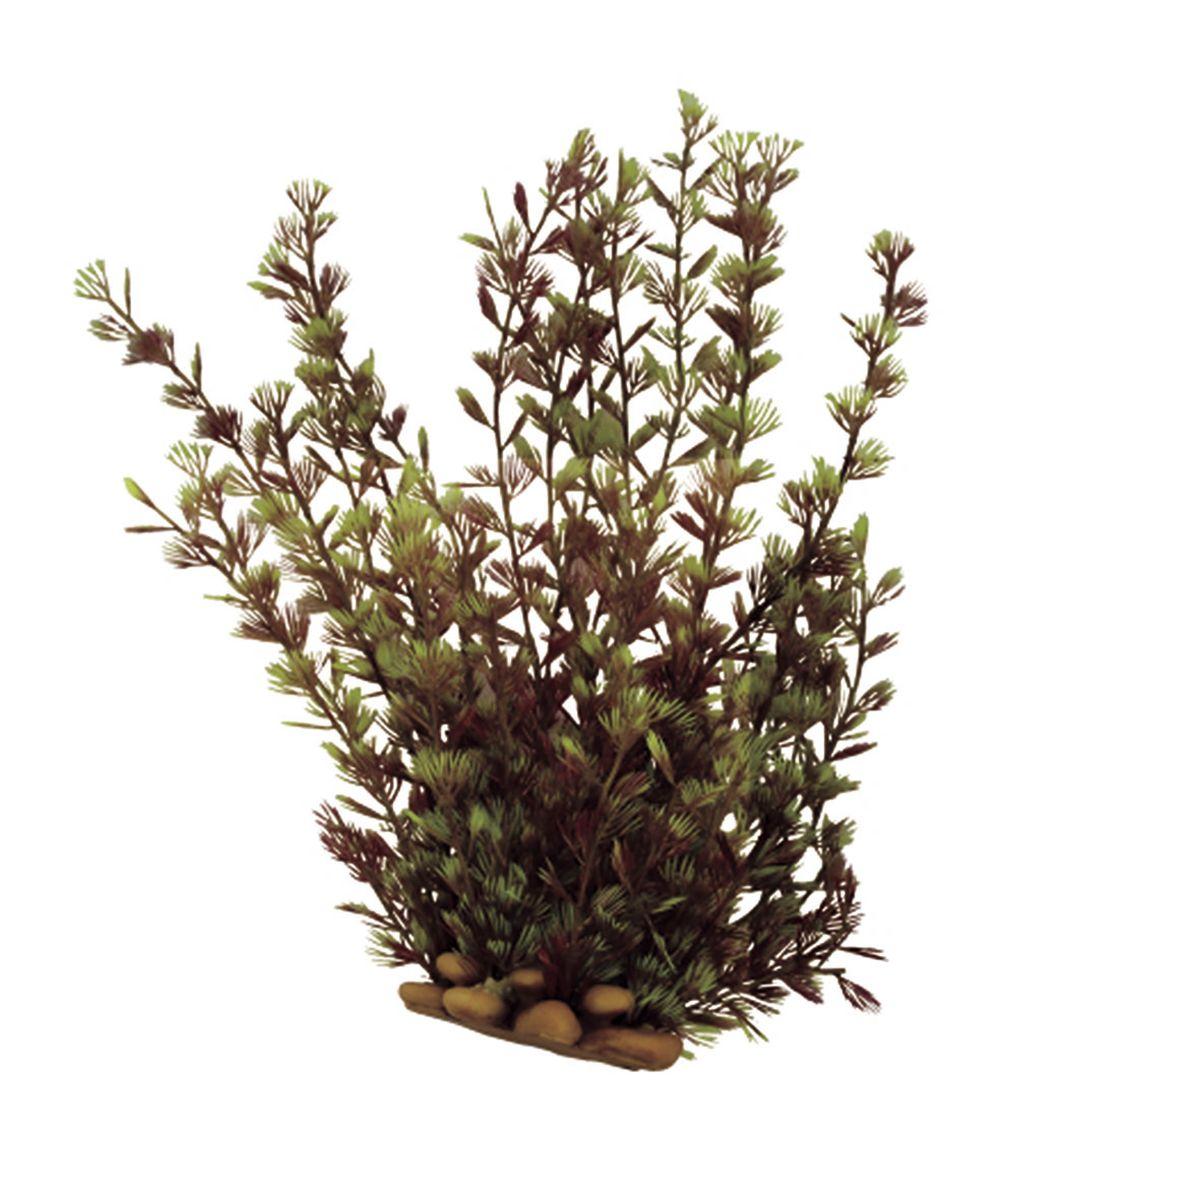 Растение для аквариума ArtUniq Кабомба, высота 20 см0120710Растение для аквариума ArtUniq Кабомба, высота 20 см